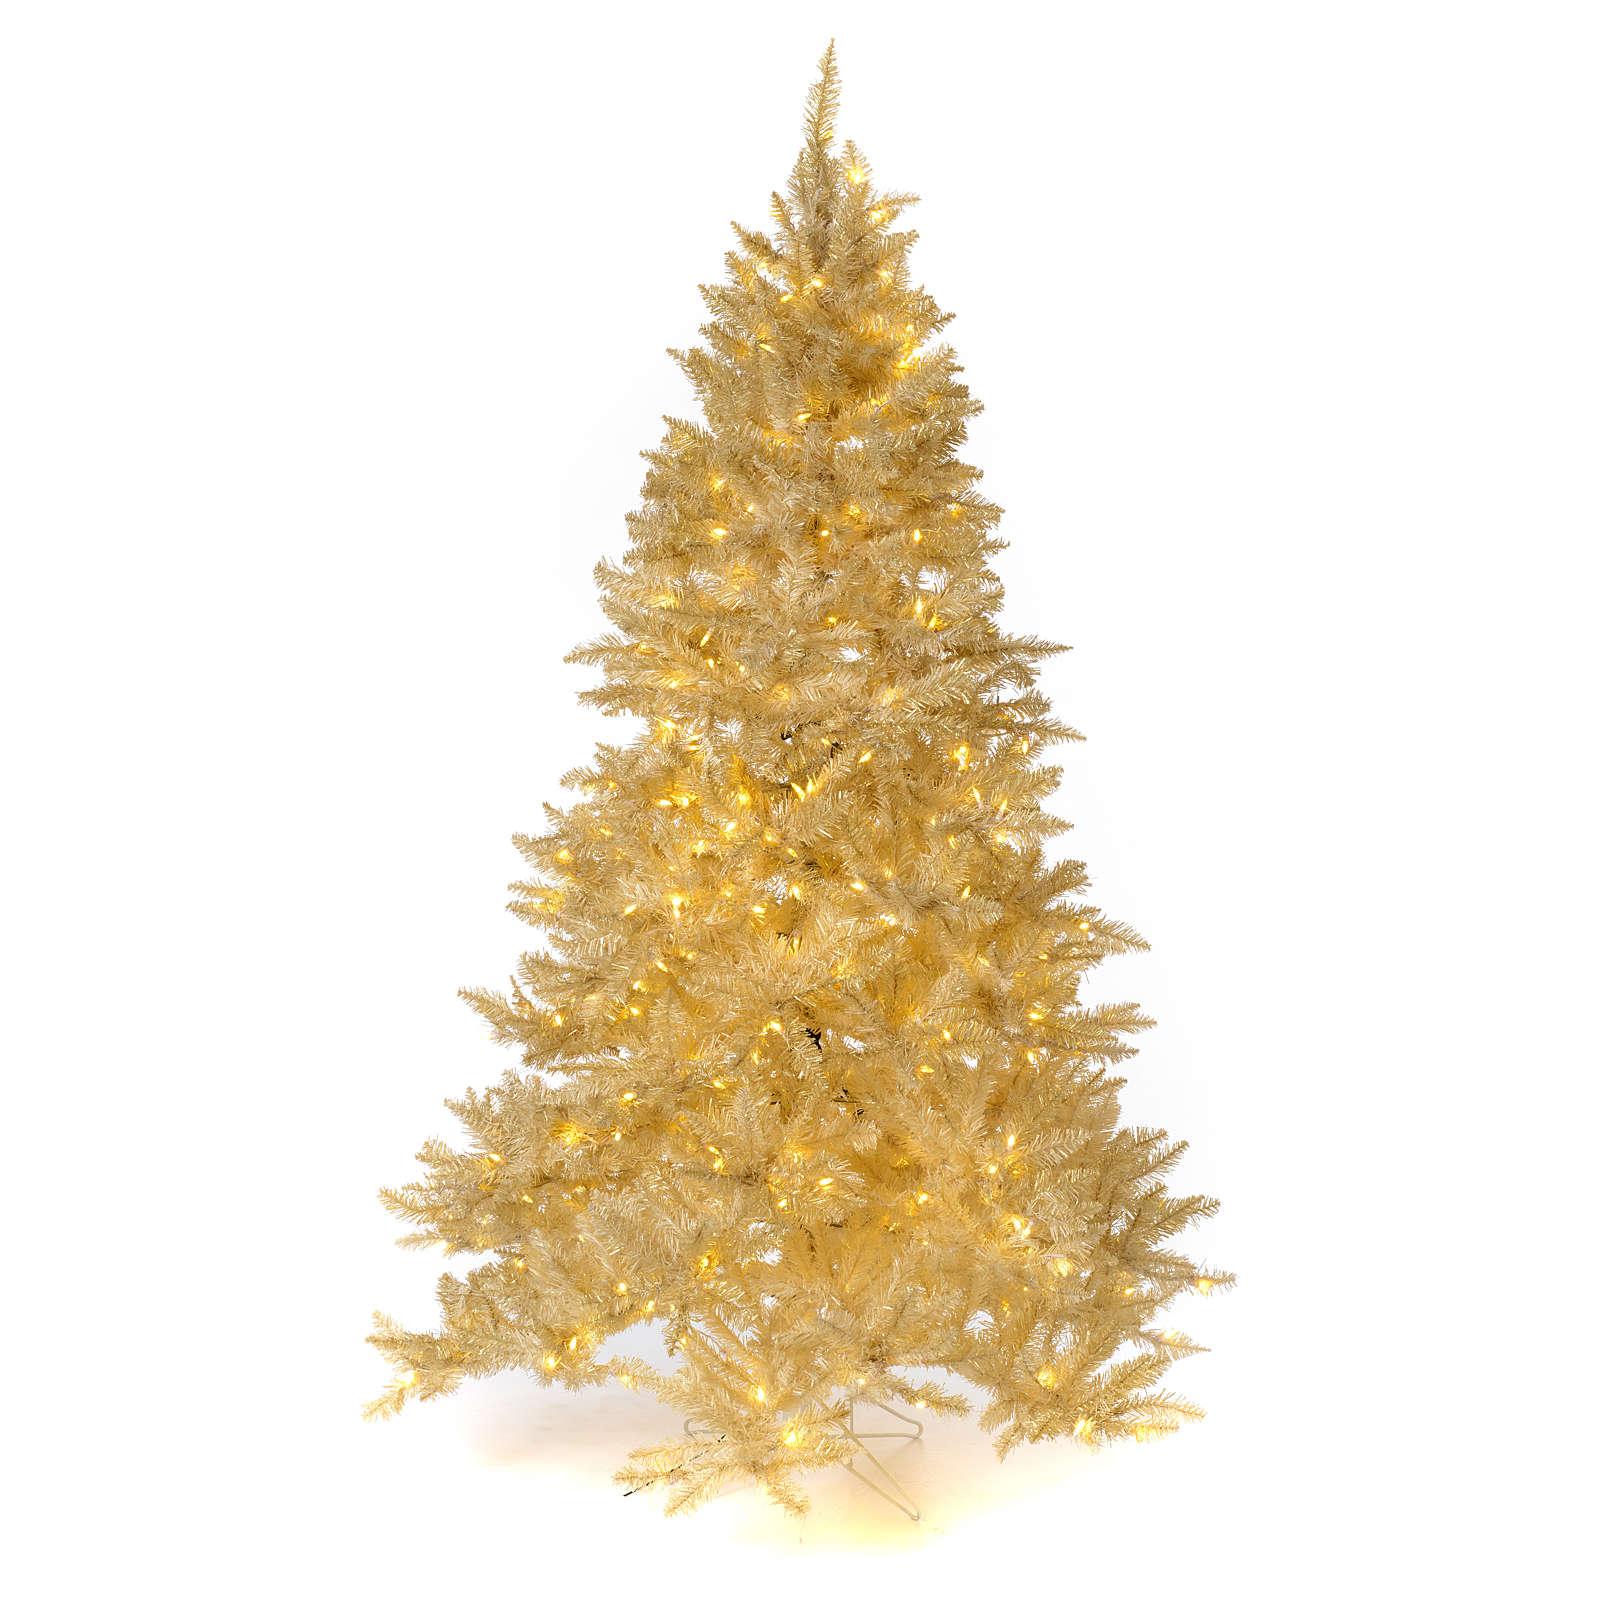 Immagini Natale Oro.Albero Di Natale 200 Cm Avorio 400 Luci Led Glitter Oro Regal Ivory